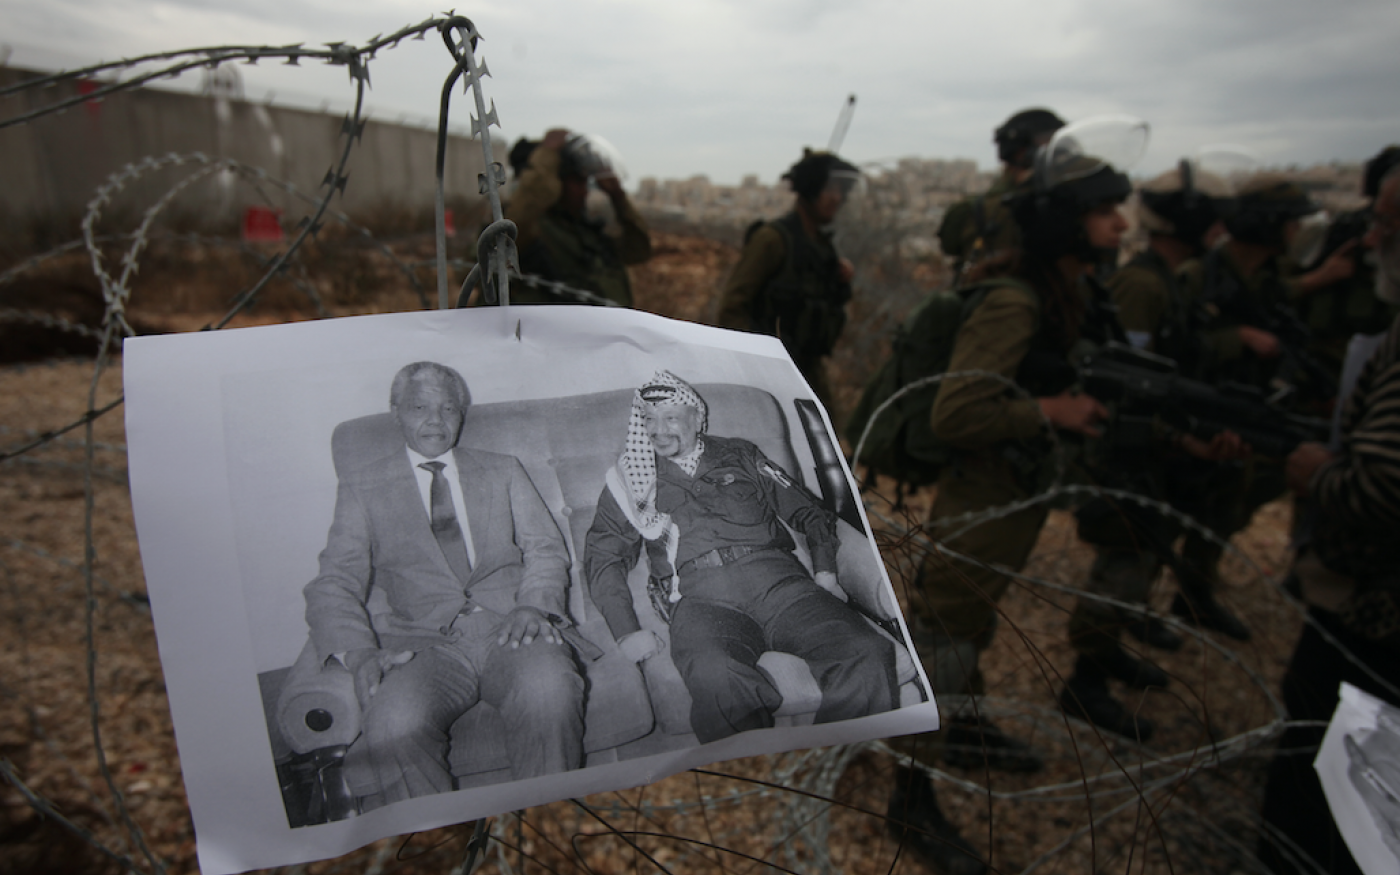 Manifestation d'activistes palestiniens contre l'occupation israélienne, dans le village de Bilin en Cisjordanie occupée, le 6 décembre 2013. Sur la photo, les dirigeants sud-africain Nelson Mandela et palestinien (Yasser Arafat) (AFP)